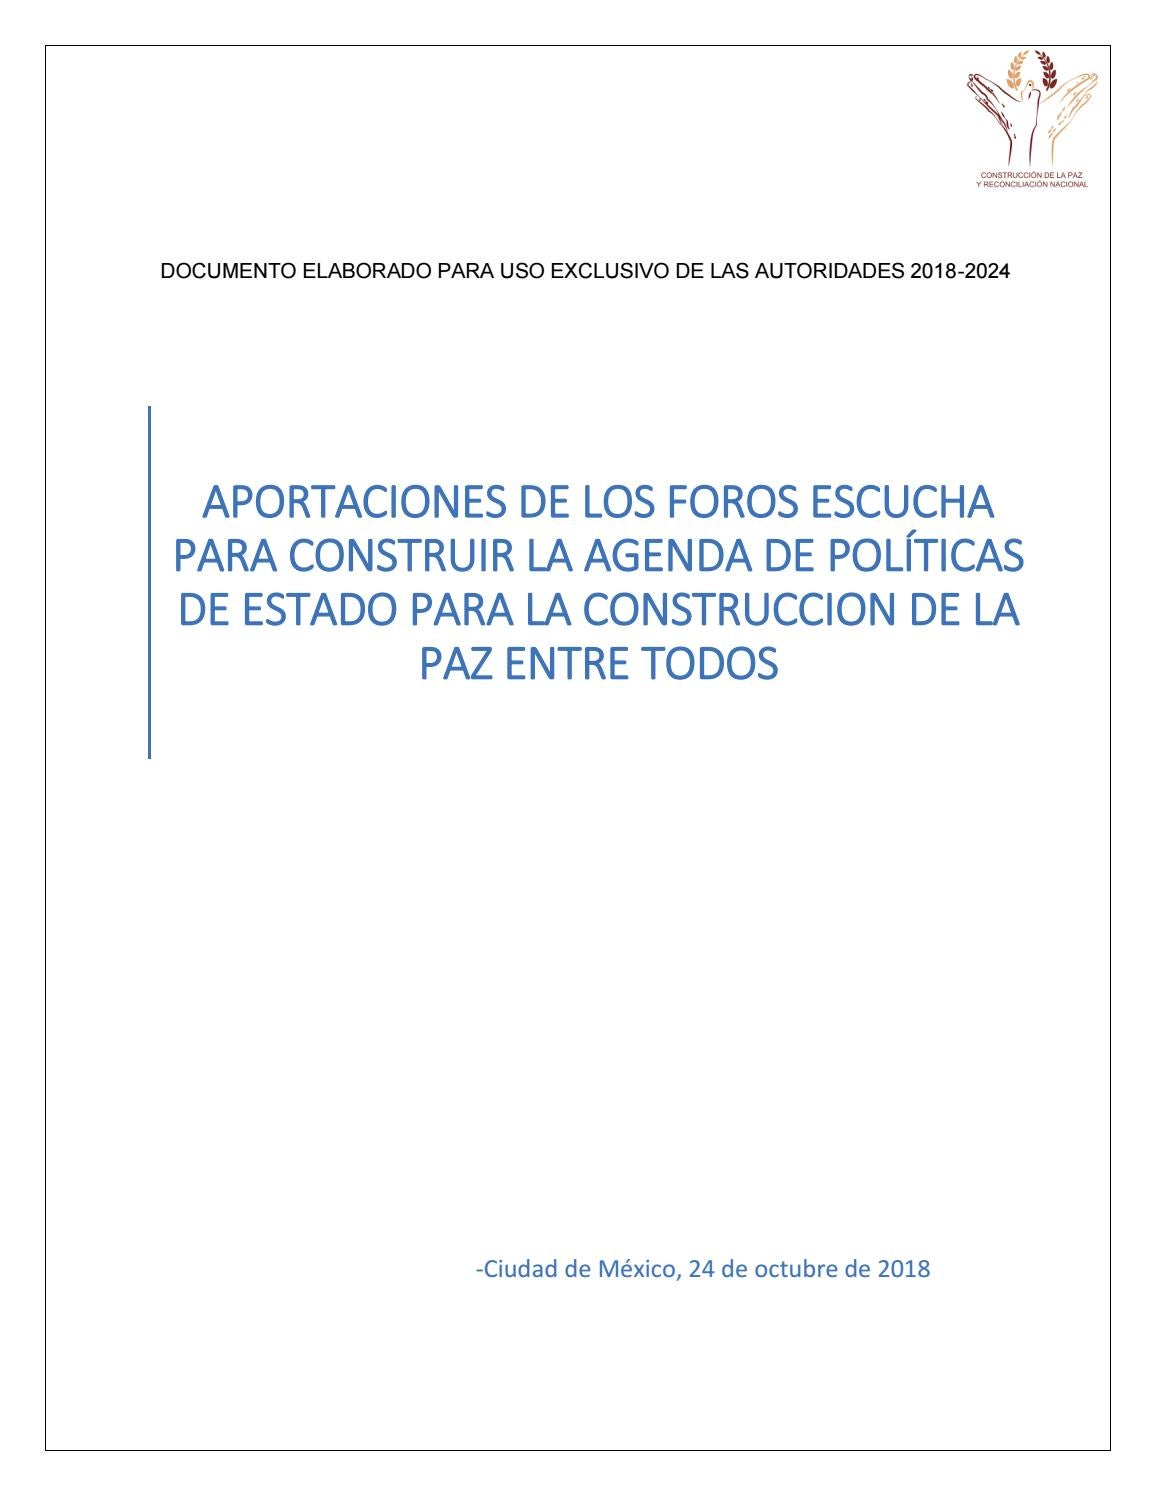 Aportaciones de los foros escucha by pajaropolitico - issuu 98c9bb2b8a3a